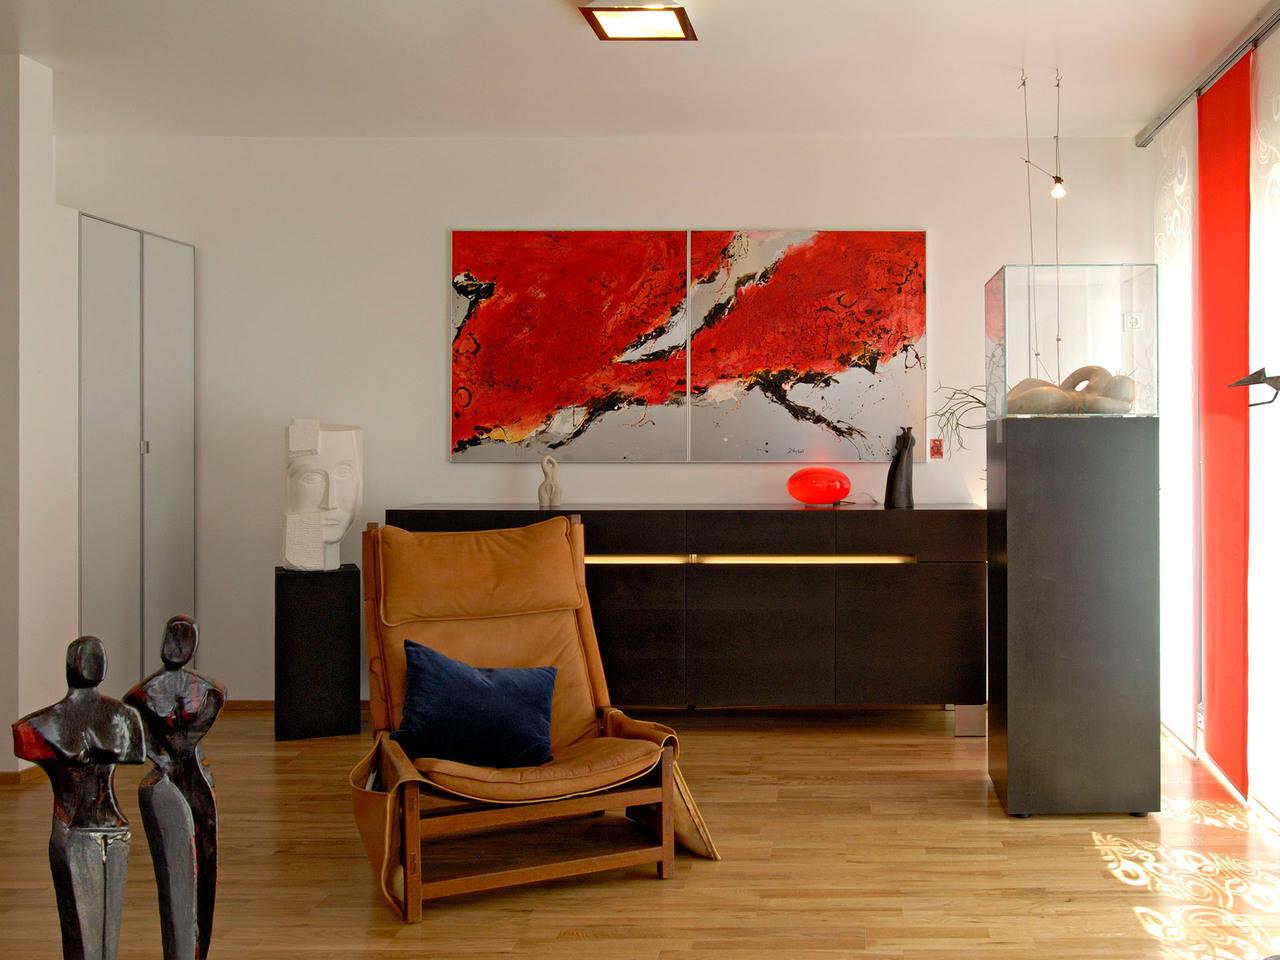 Haus Dorstewitz Fertighaus Weiss Arbeitszimmer